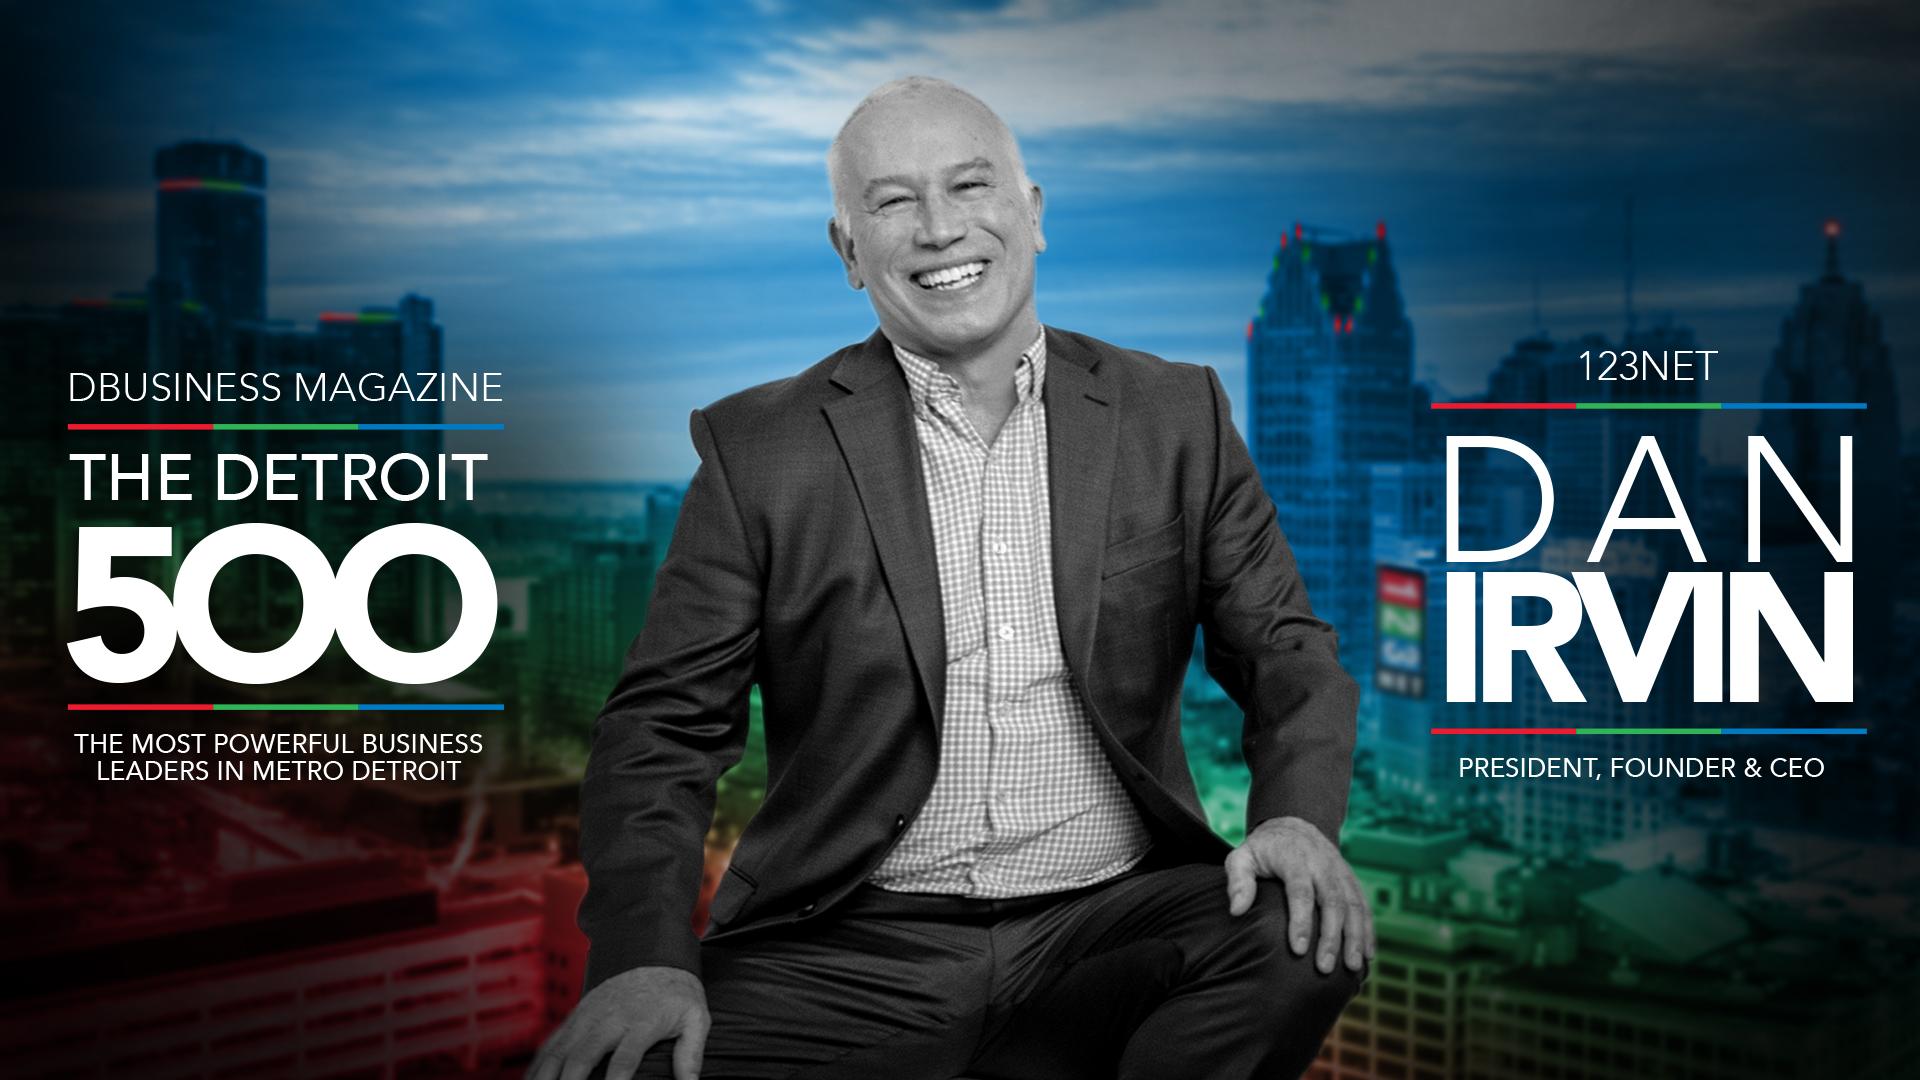 Dan Irvin Named to Detroit 500 List